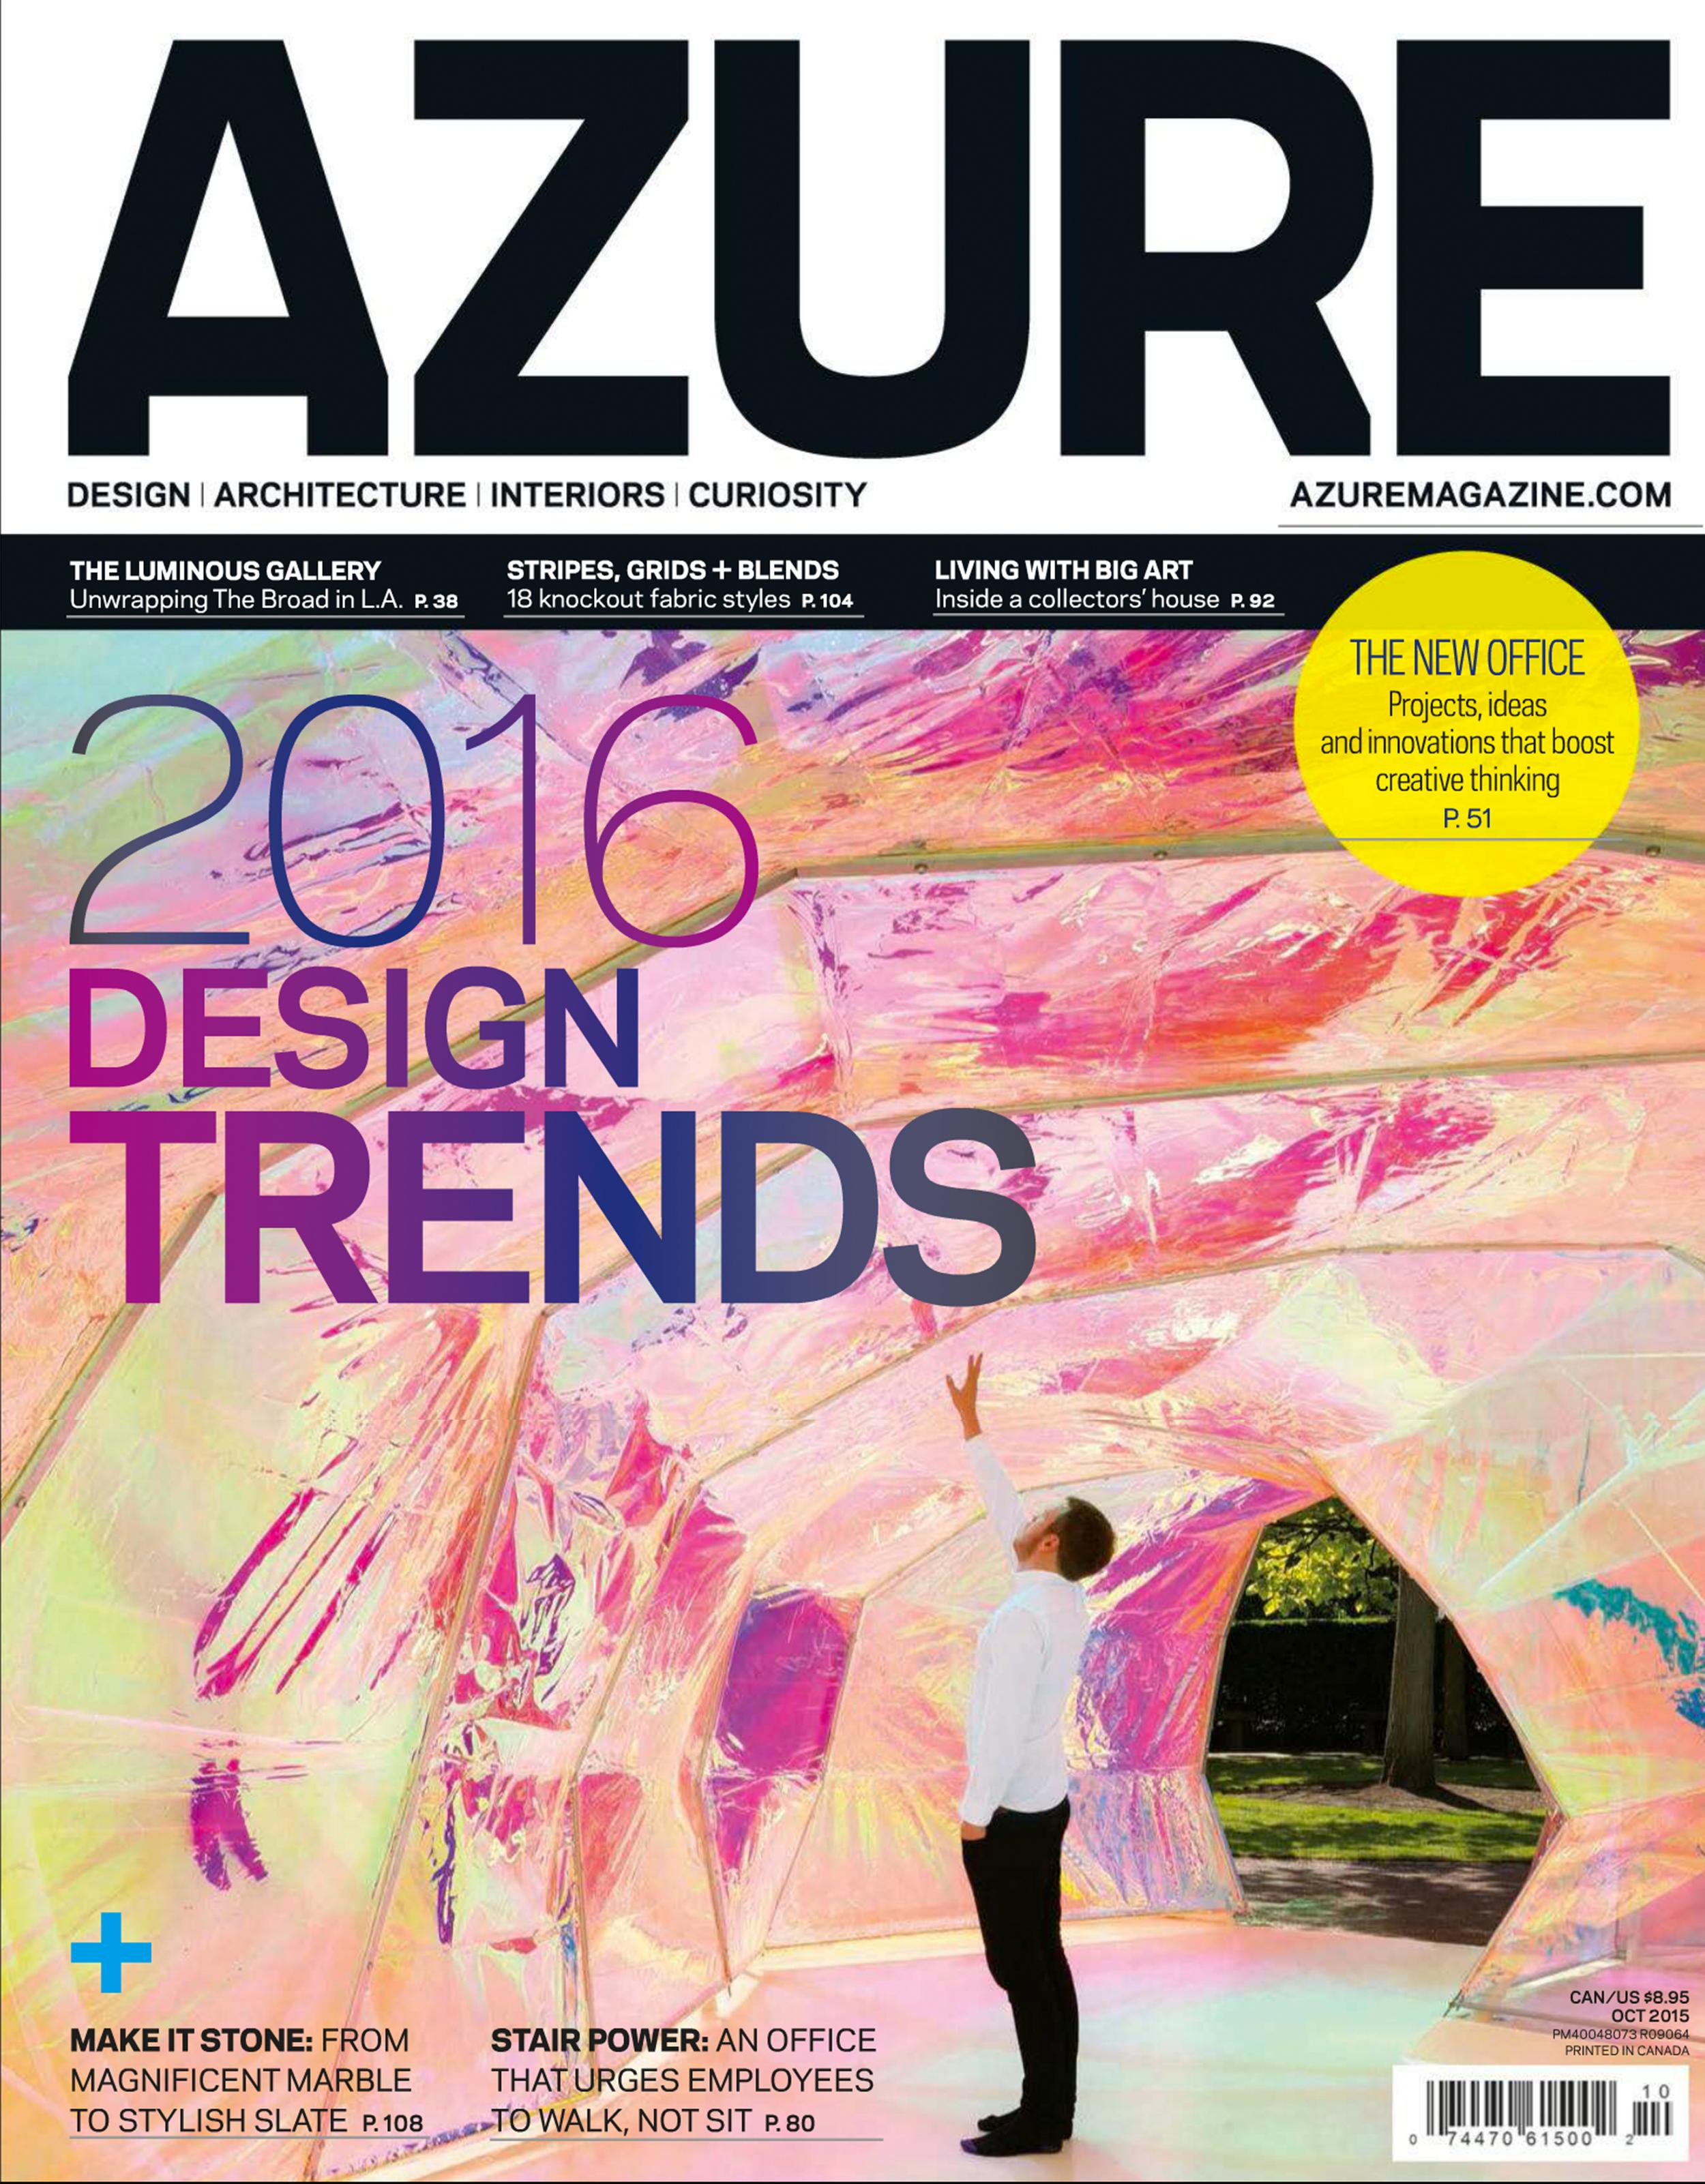 AZURE - OCTOBER 2015 - COVER .jpg